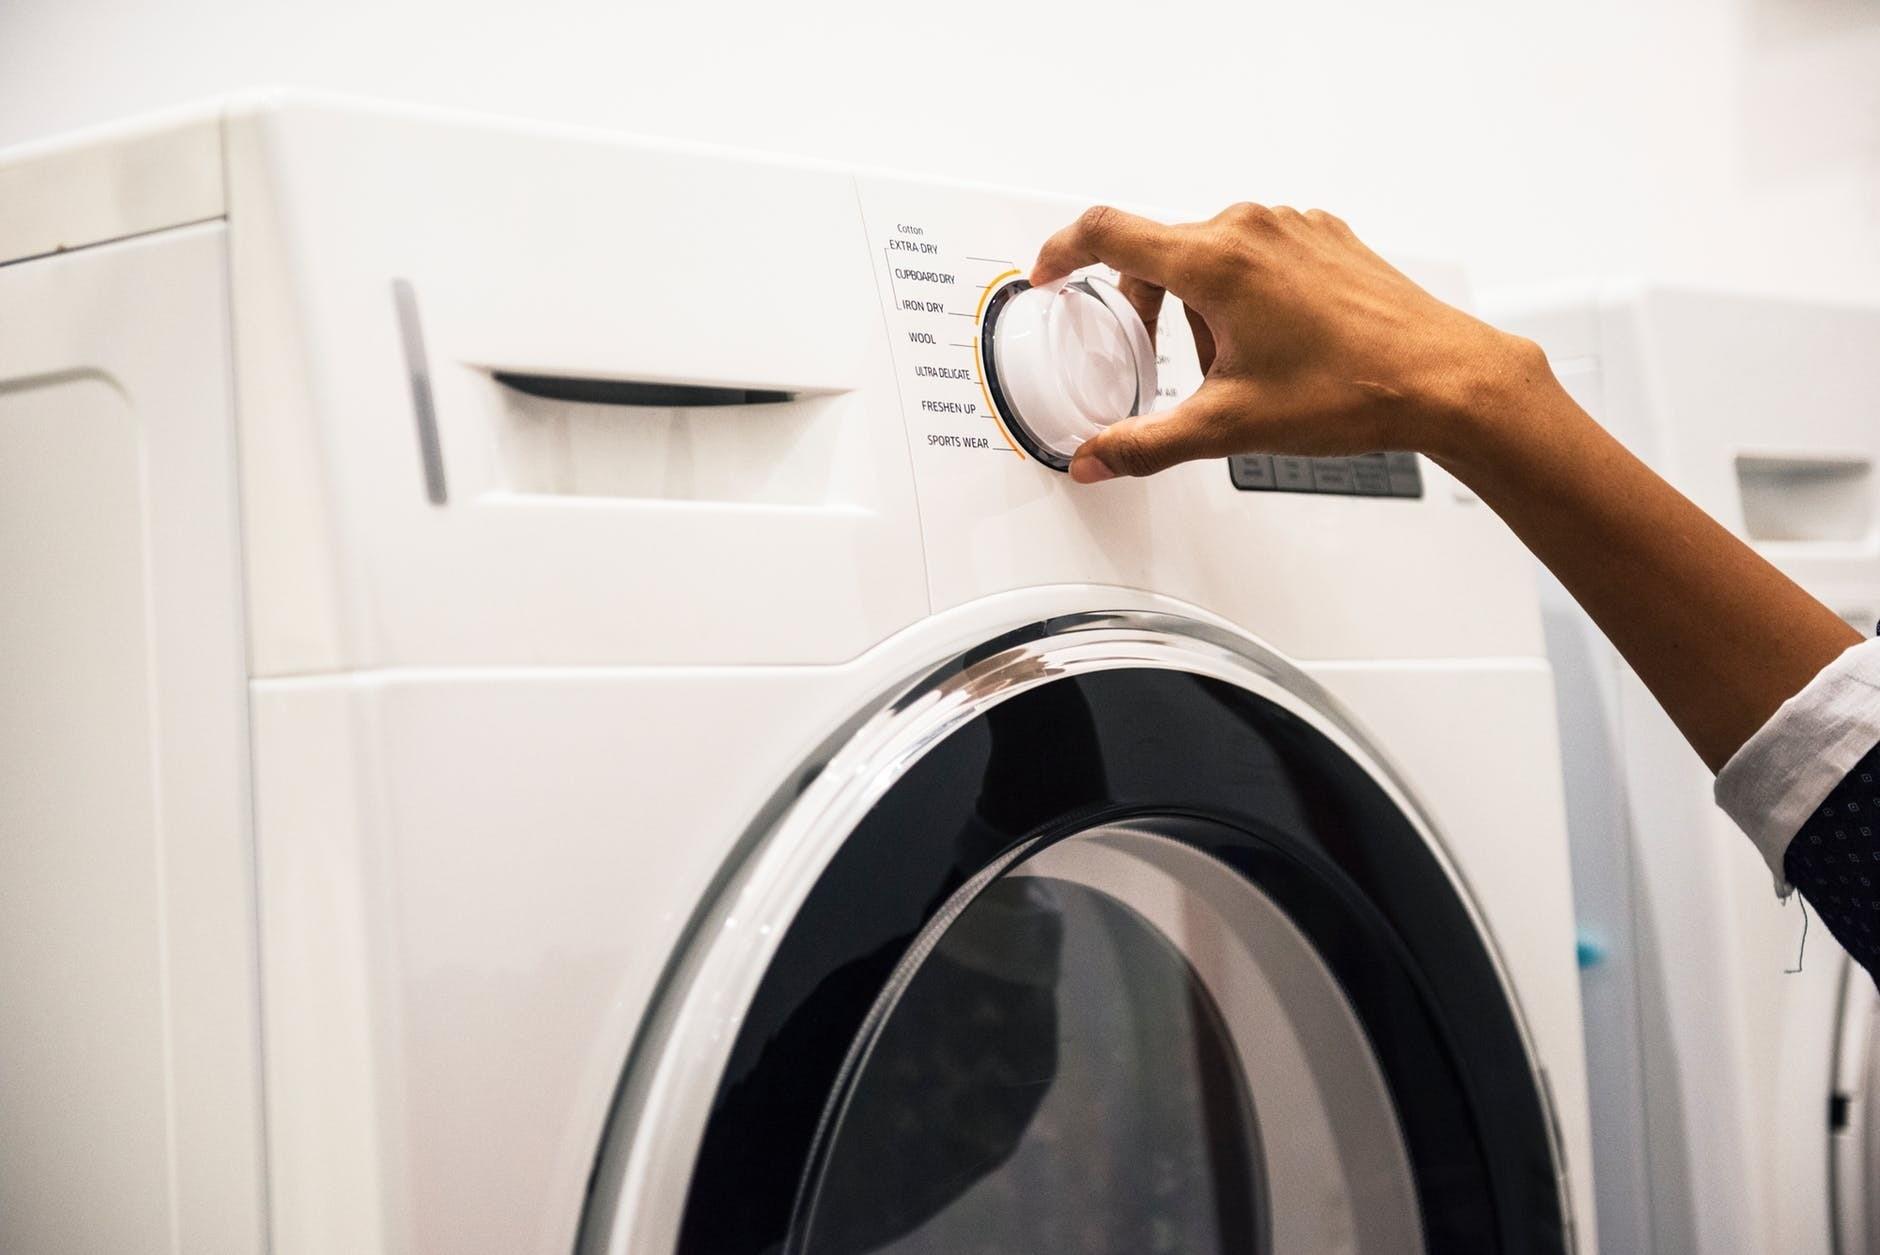 Реабилитируем помощницу: как избавиться от плесени в стиральной машине